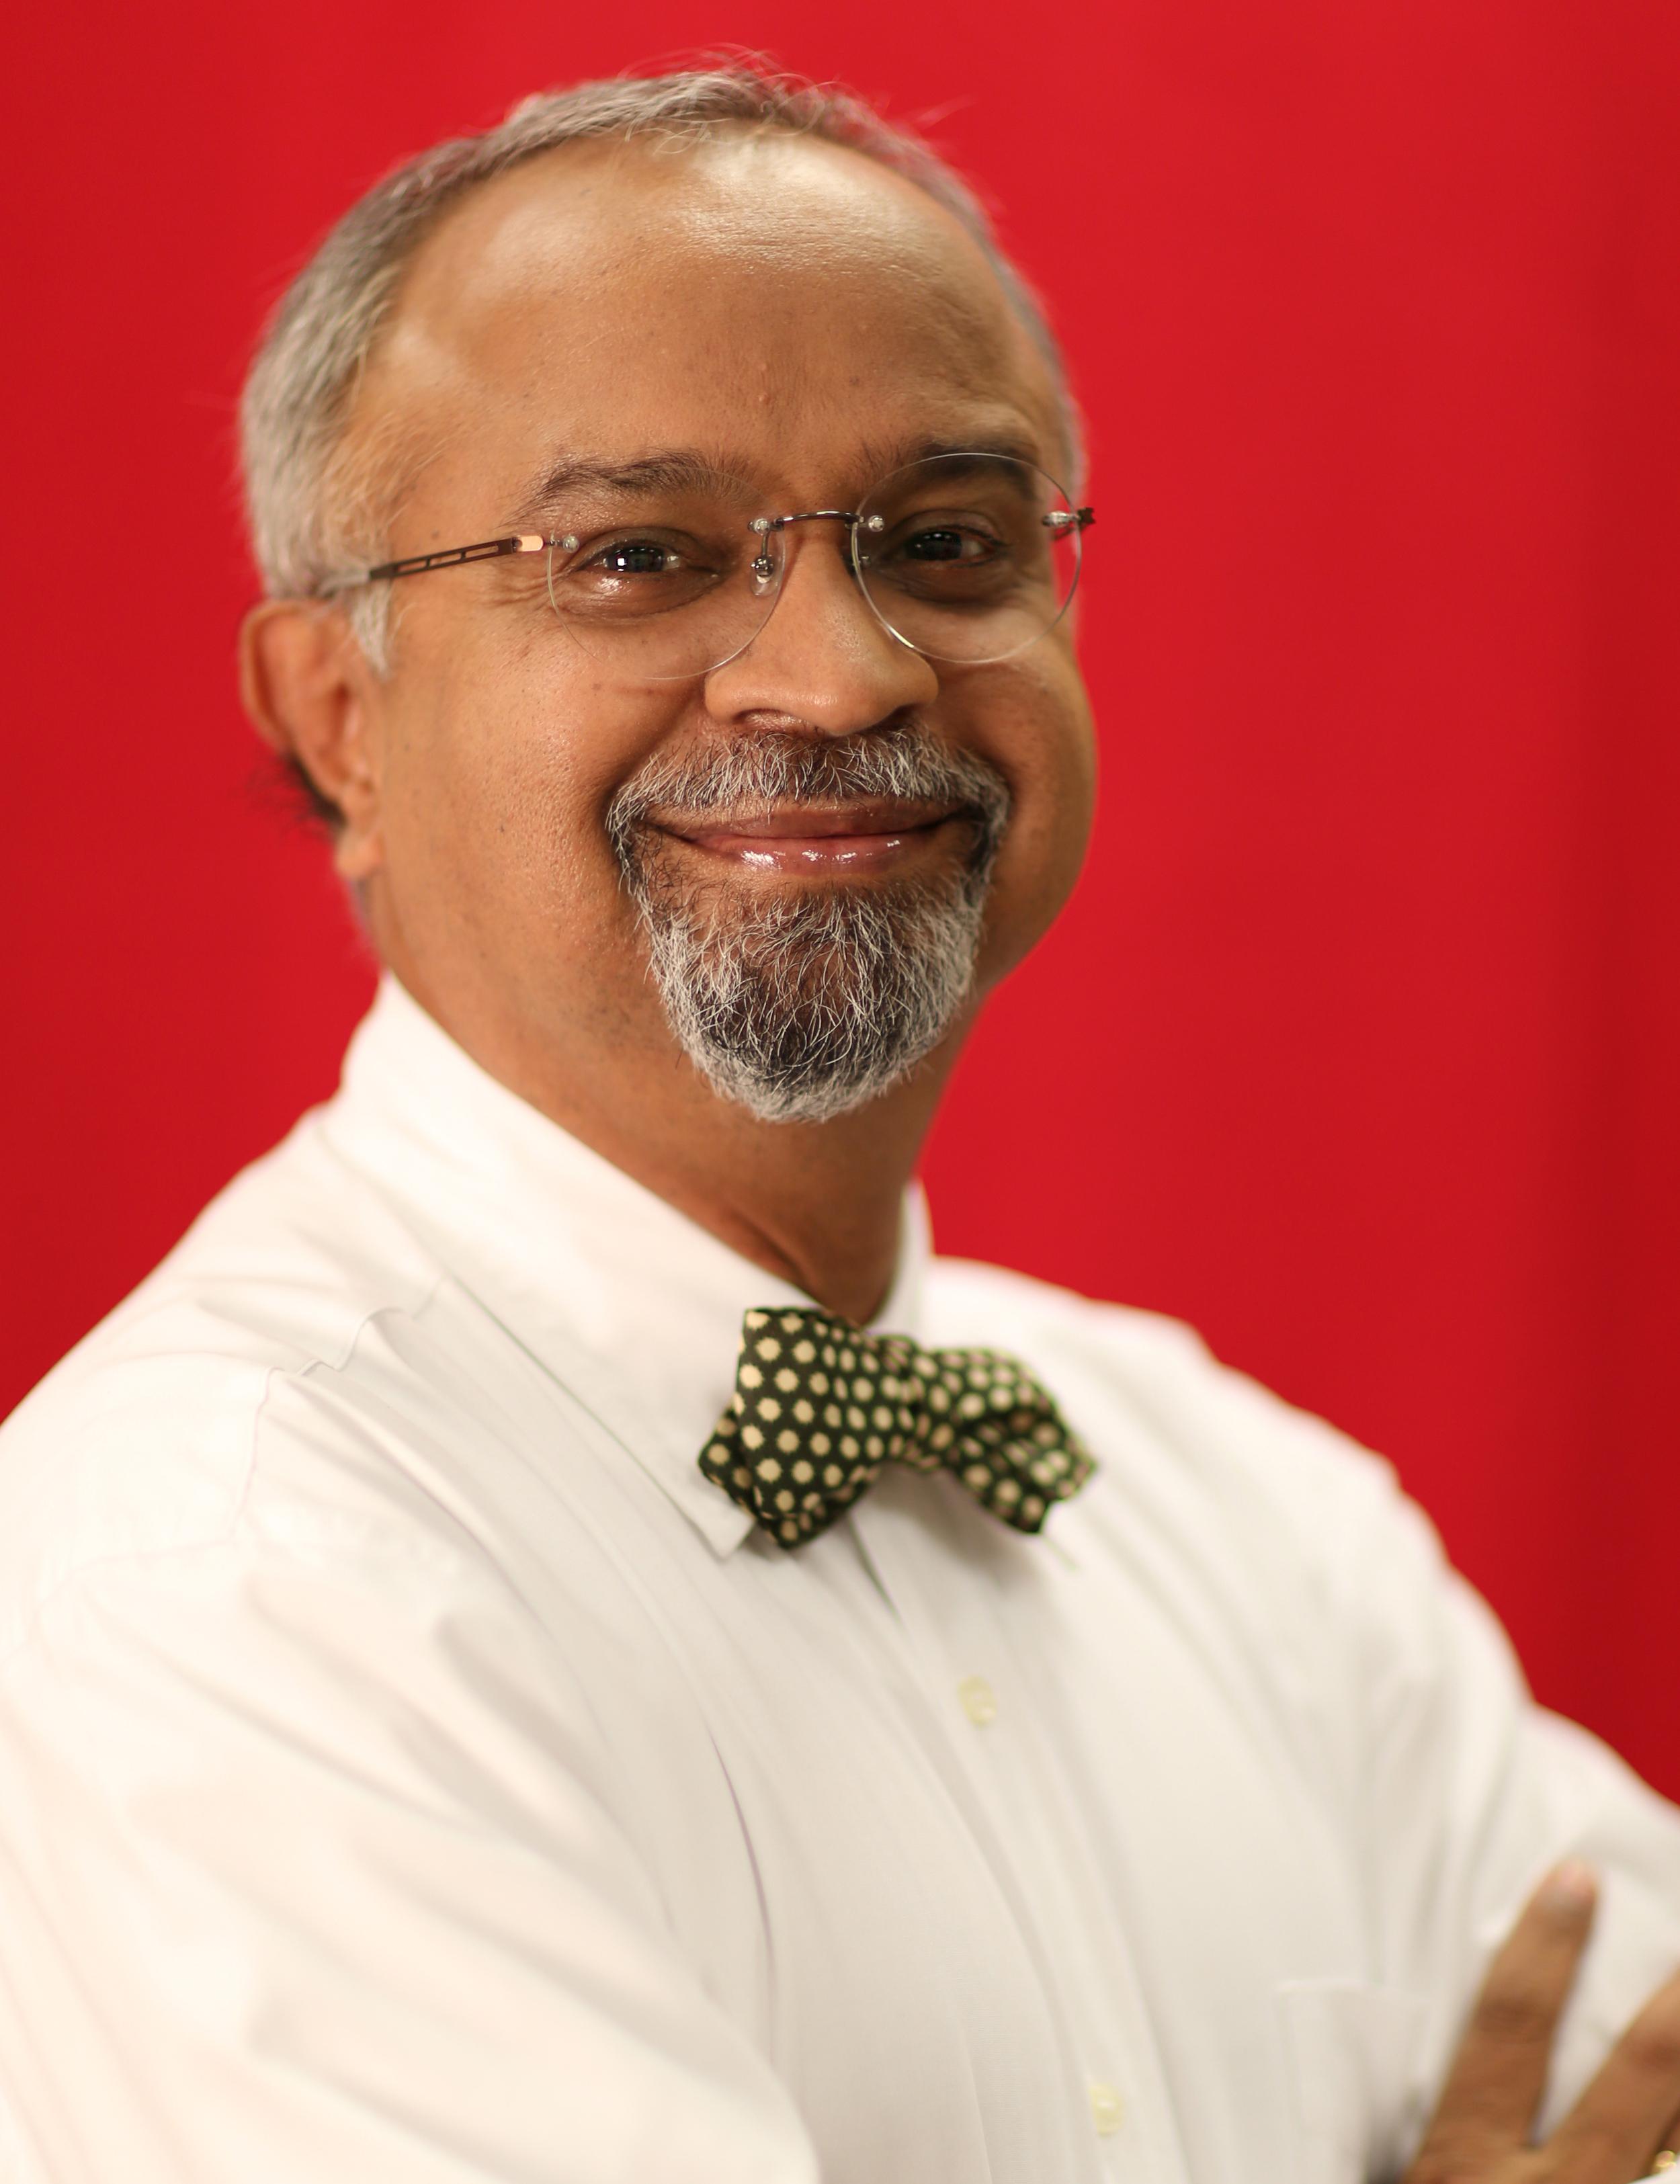 Dr. Kini